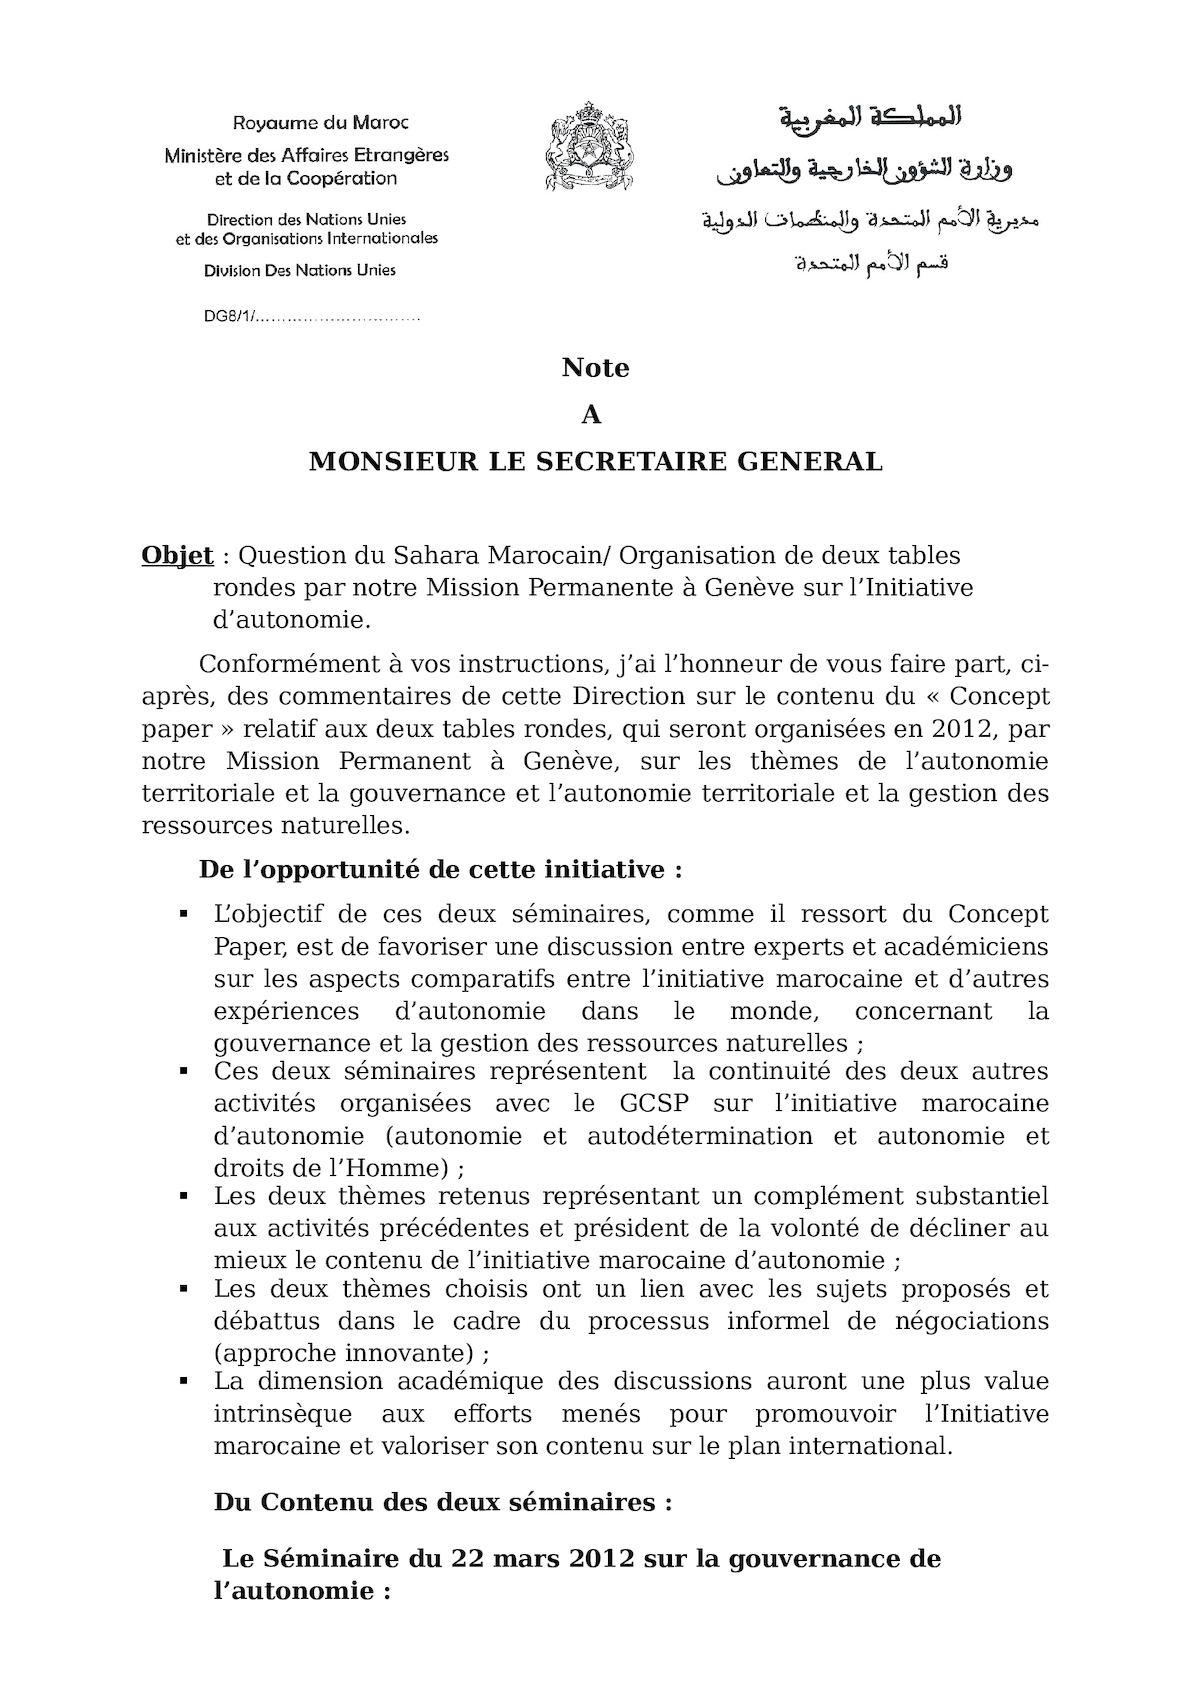 Question Nationale - SEMINAIRES 2012 -Concept Paper